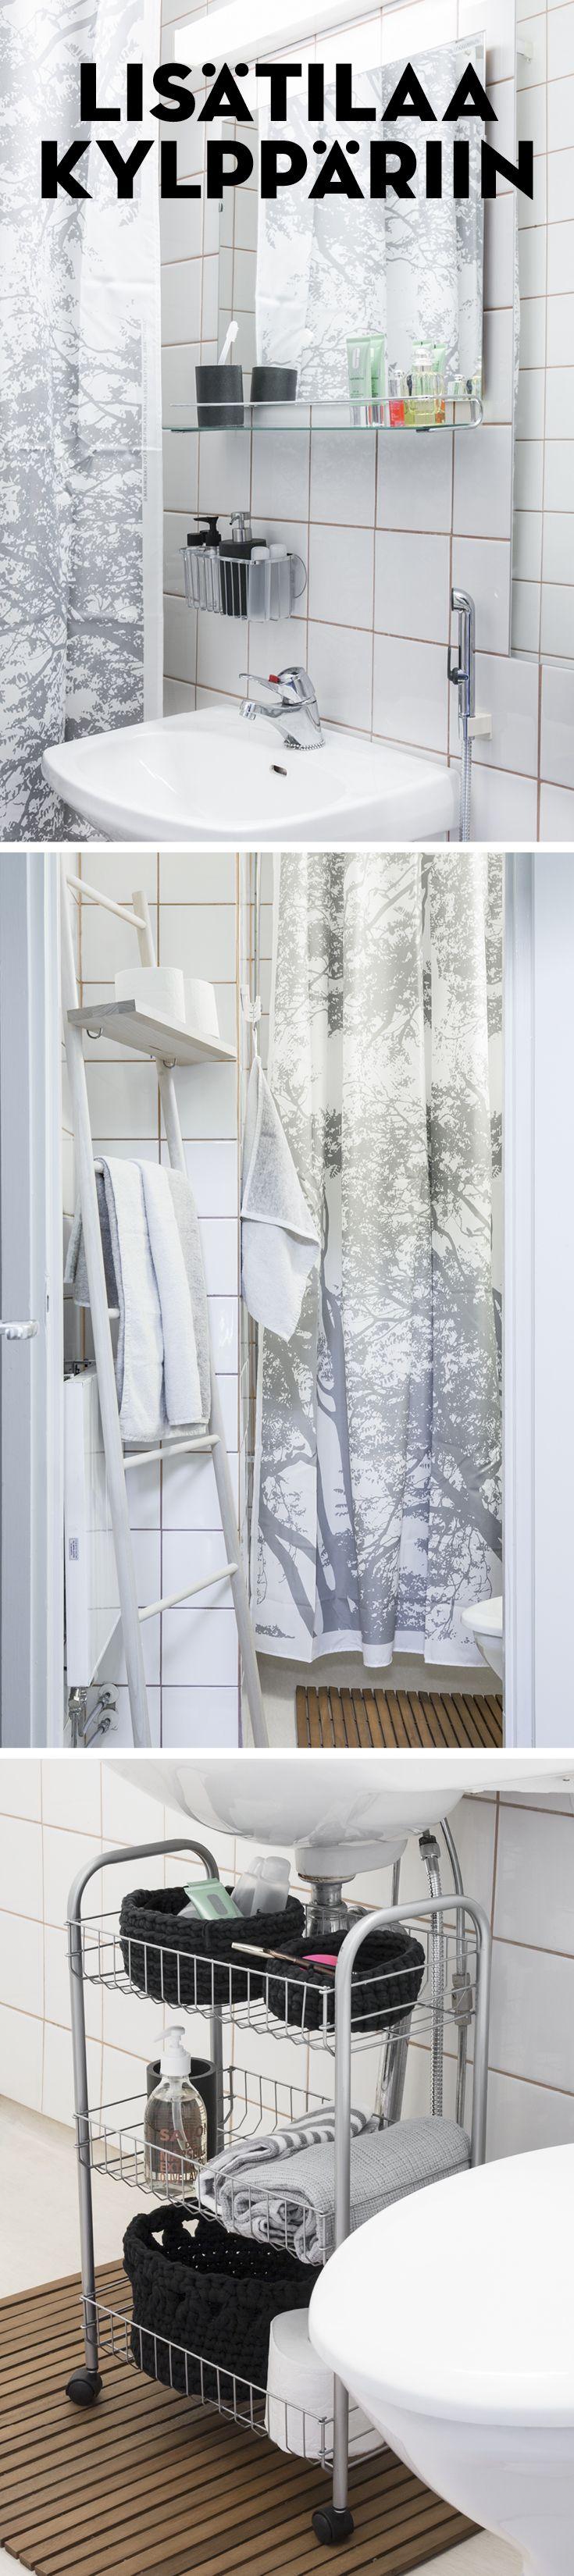 Yksinkertaisilla säilytyskalusteilla pieneenkin kylpyhuoneeseen saa lisää tilaa pikkutavaroille.